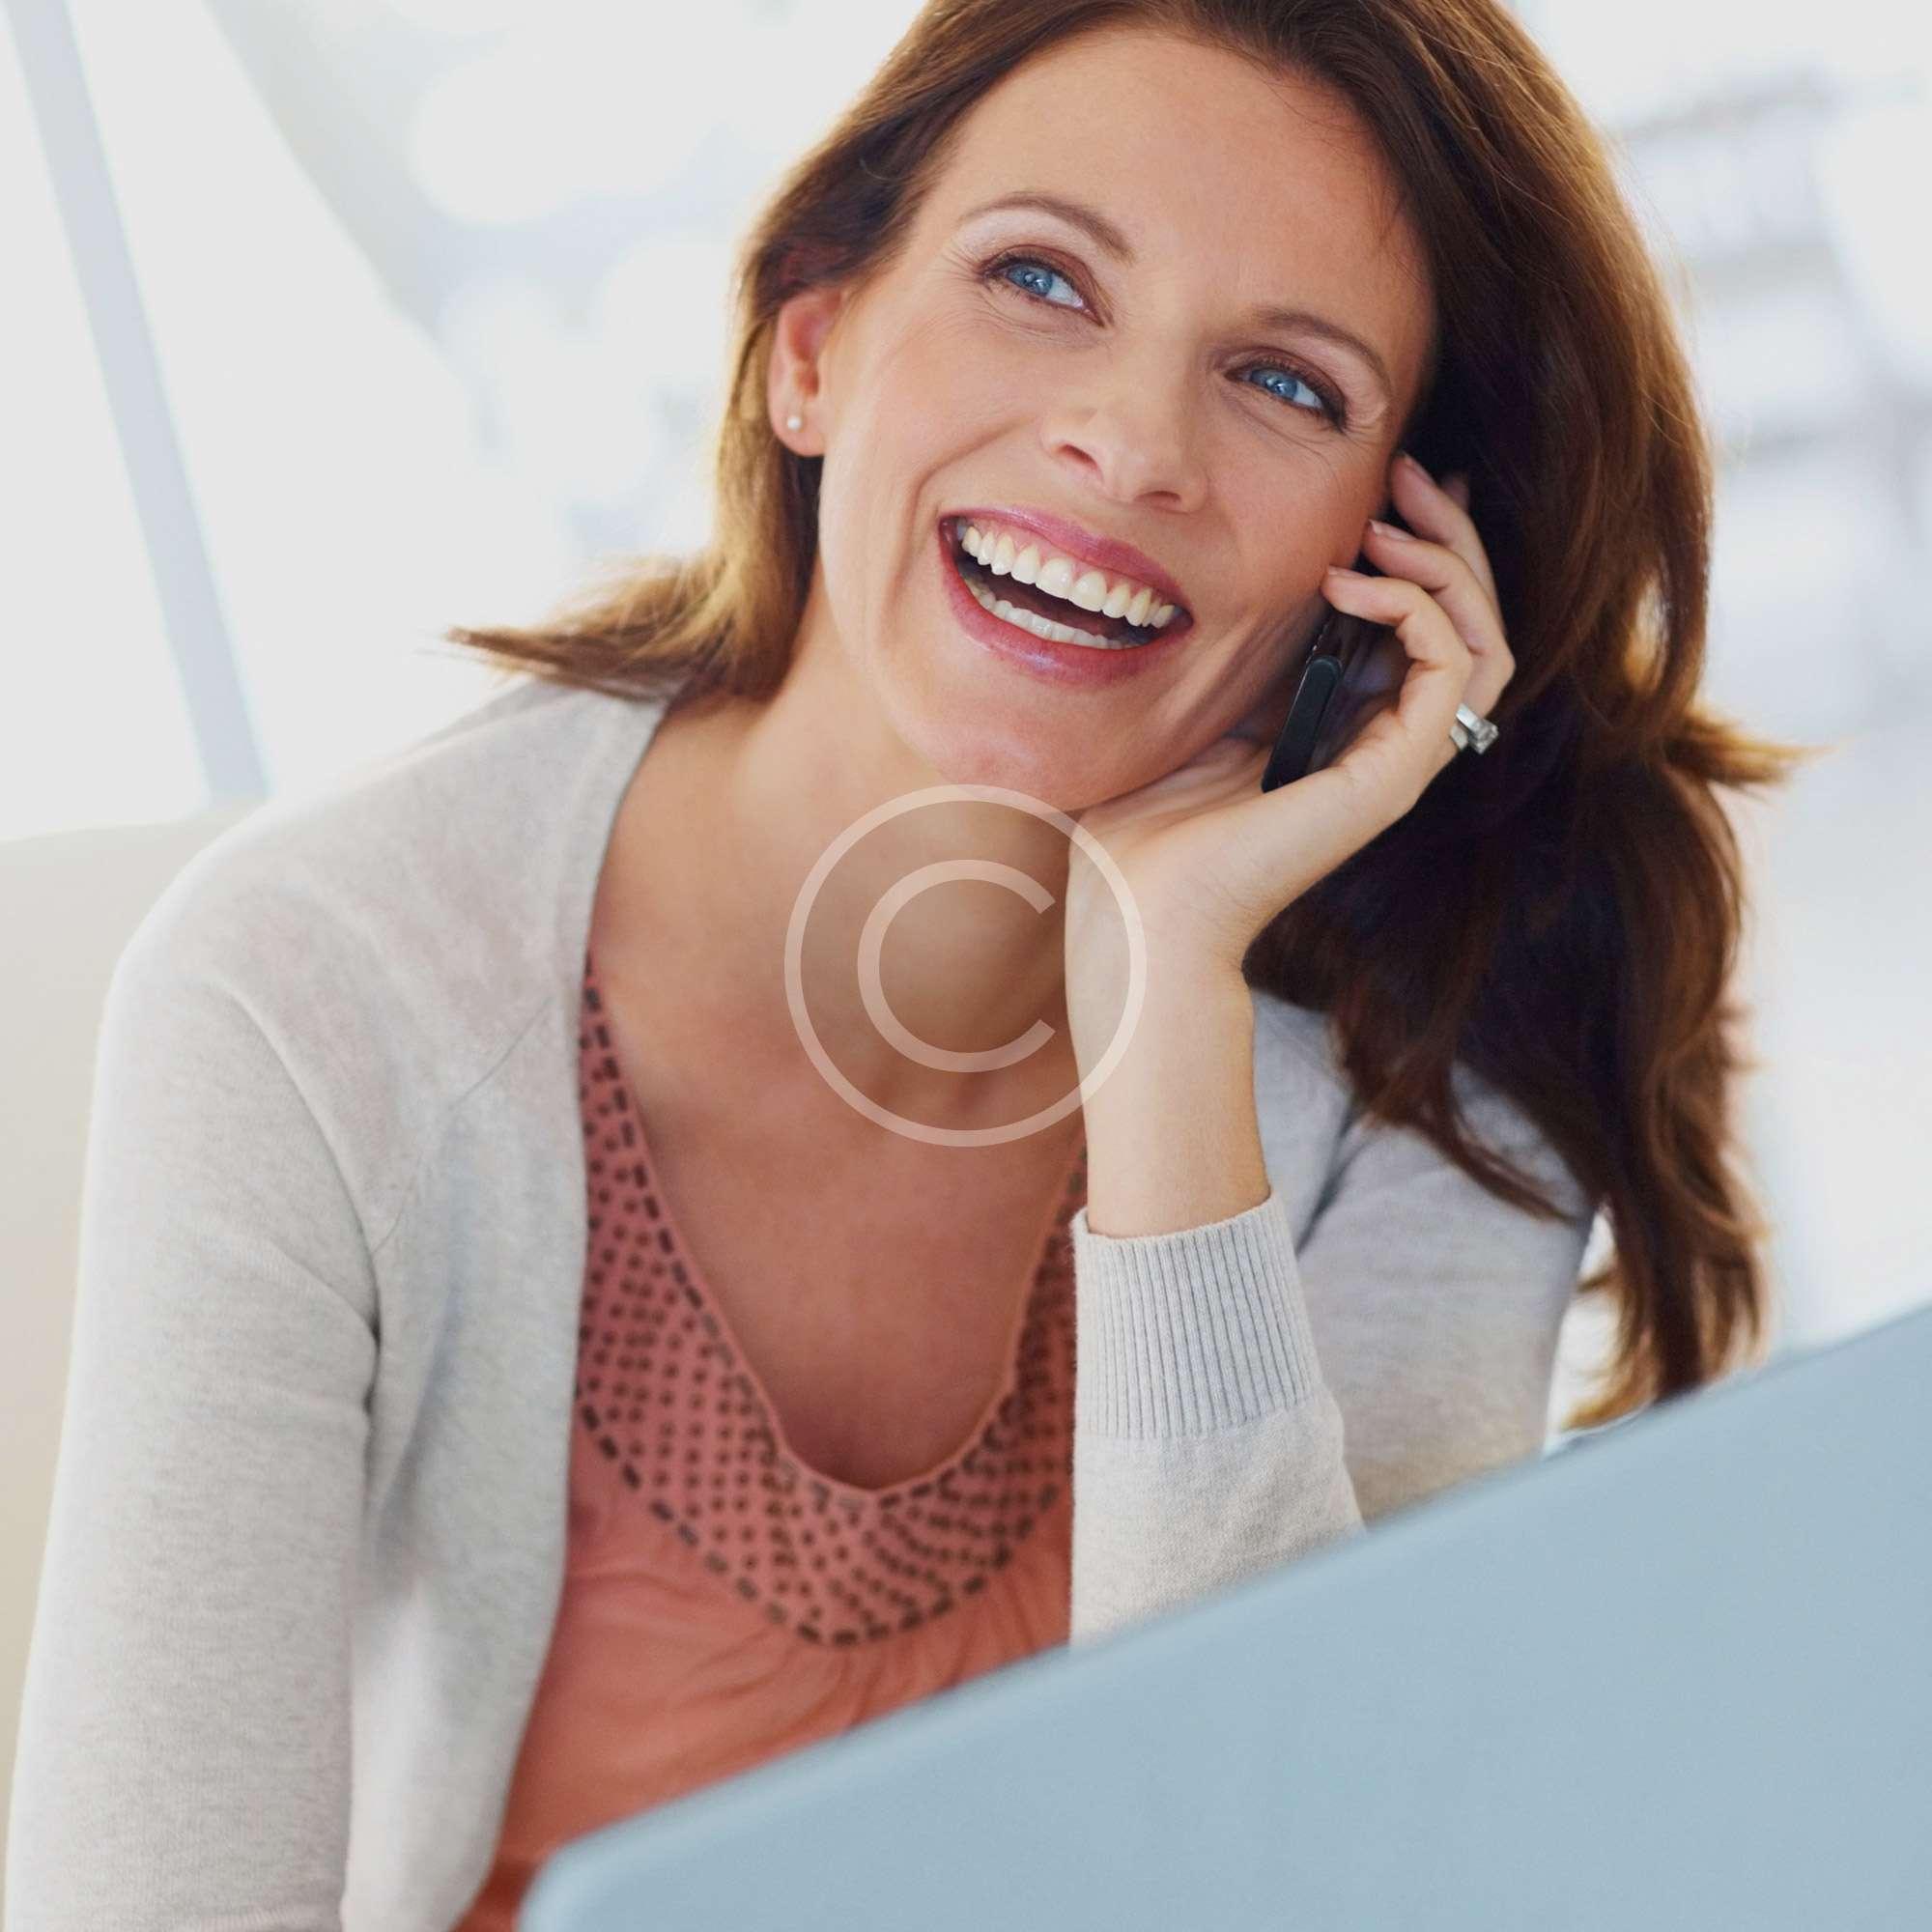 Remote therapy via Skype